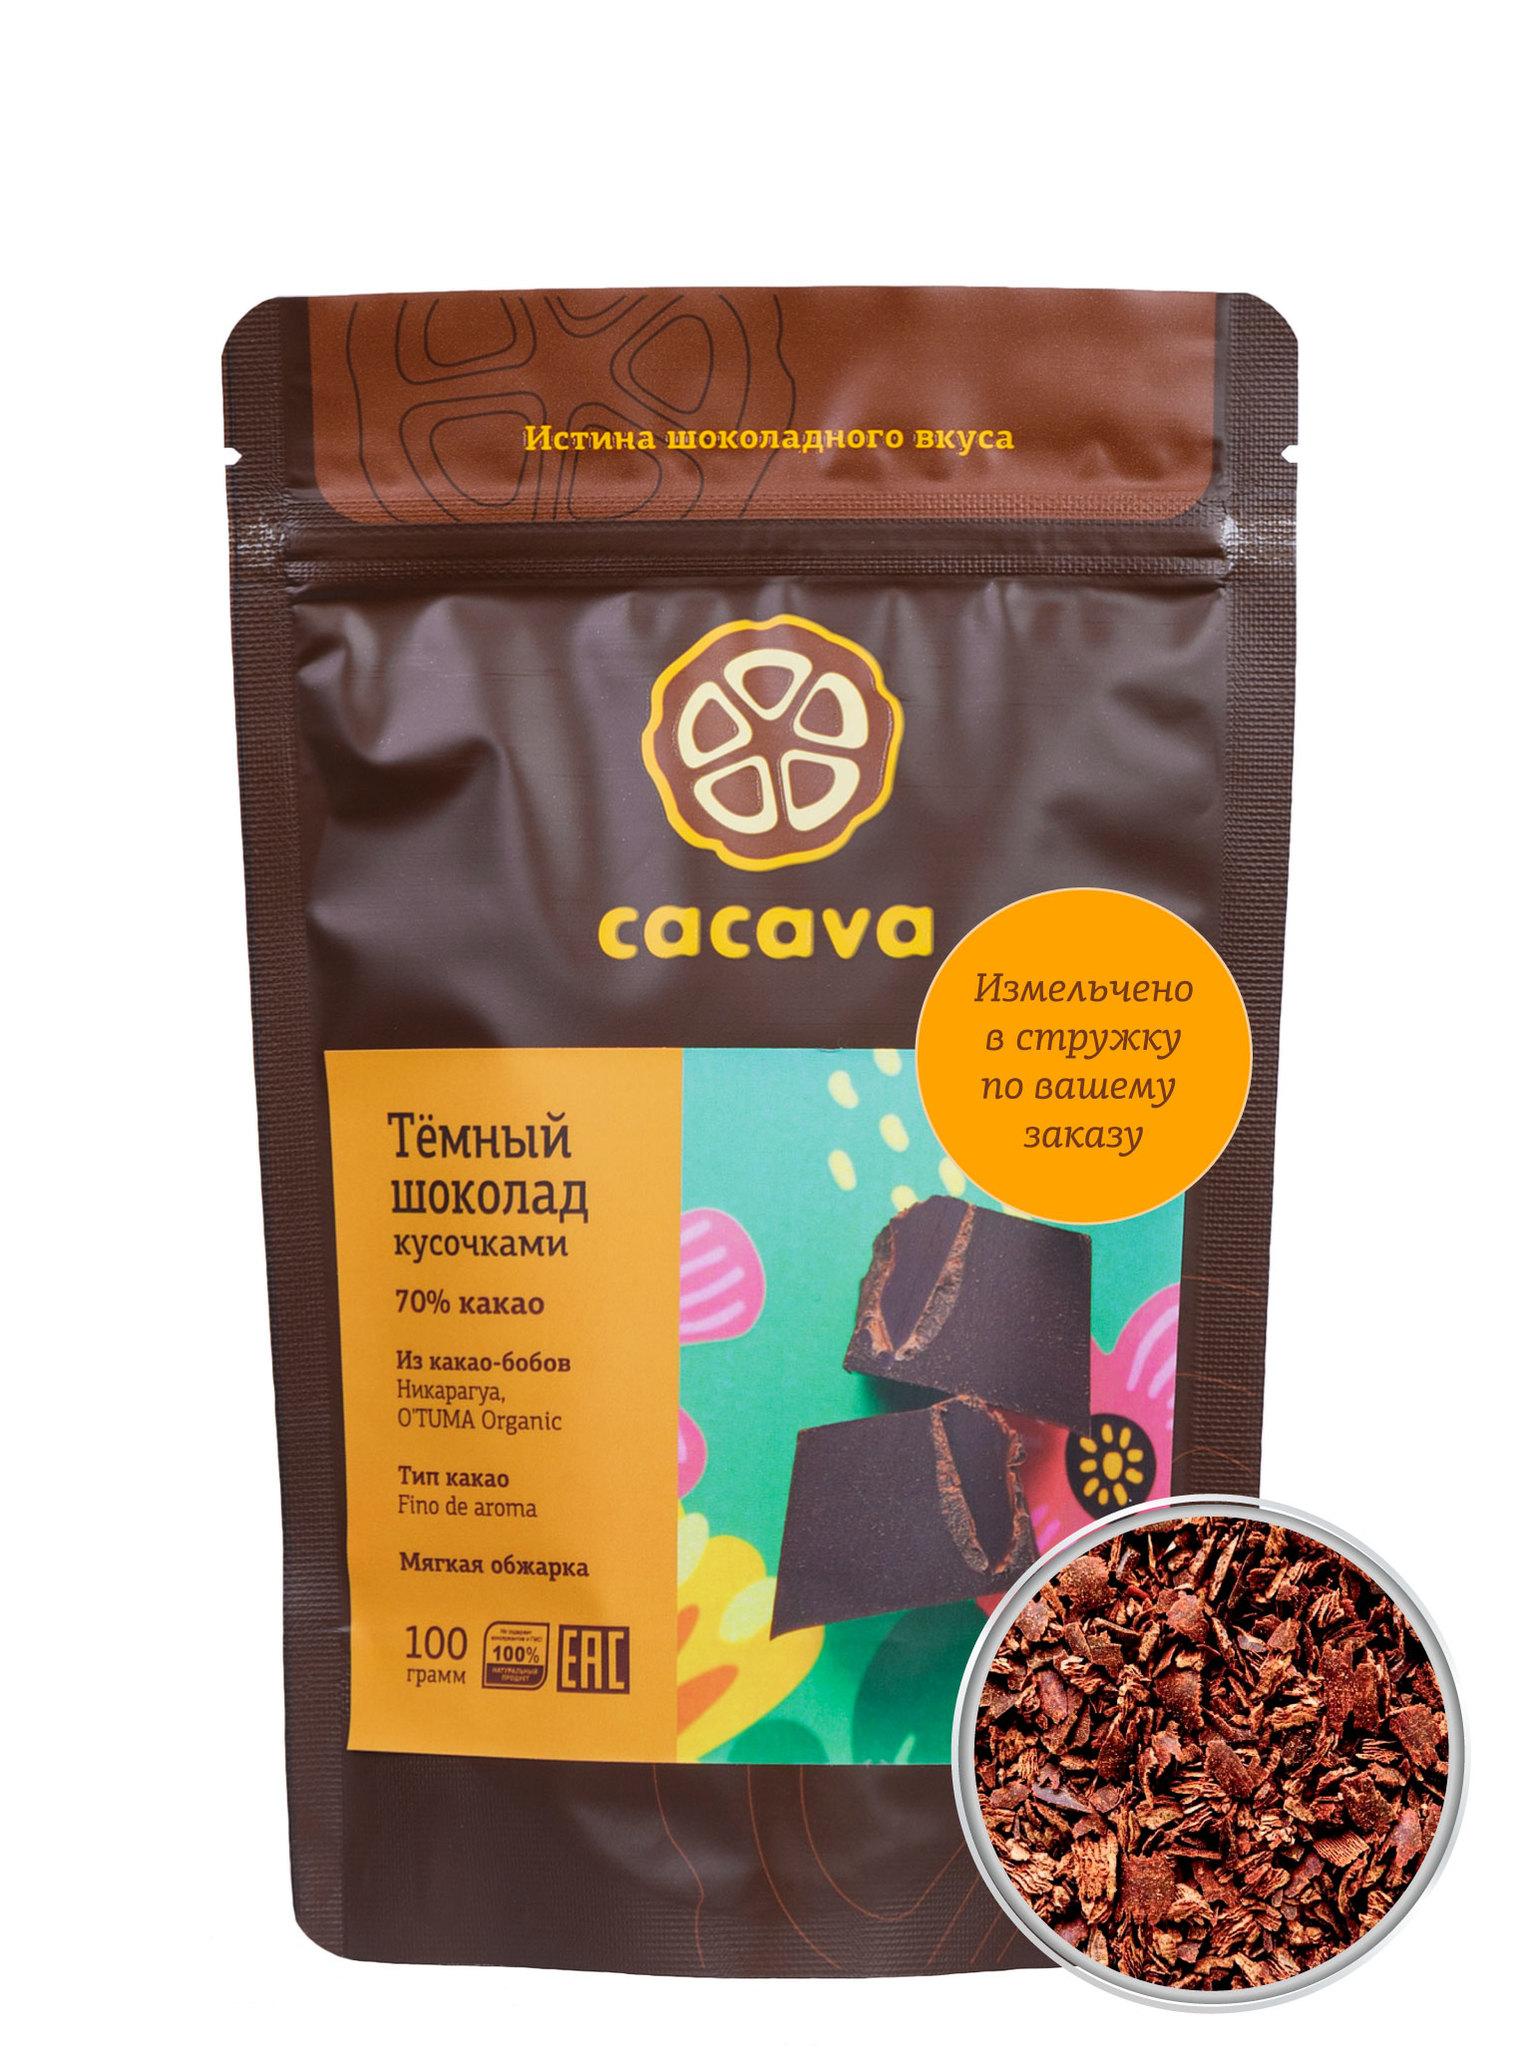 Тёмный шоколад 70 % какао в стружке (Никарагуа O'Tuma), упаковка 100 грамм